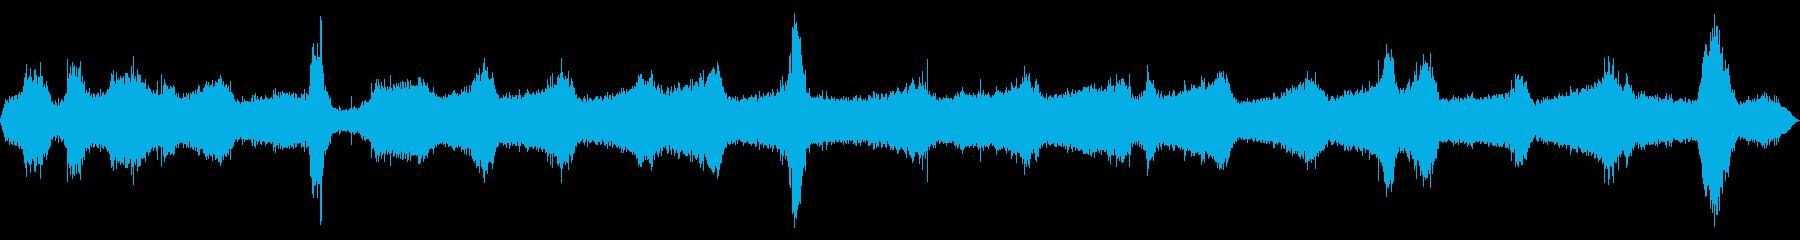 【四国最東端】かもだ岬灯台の波音【秋】の再生済みの波形